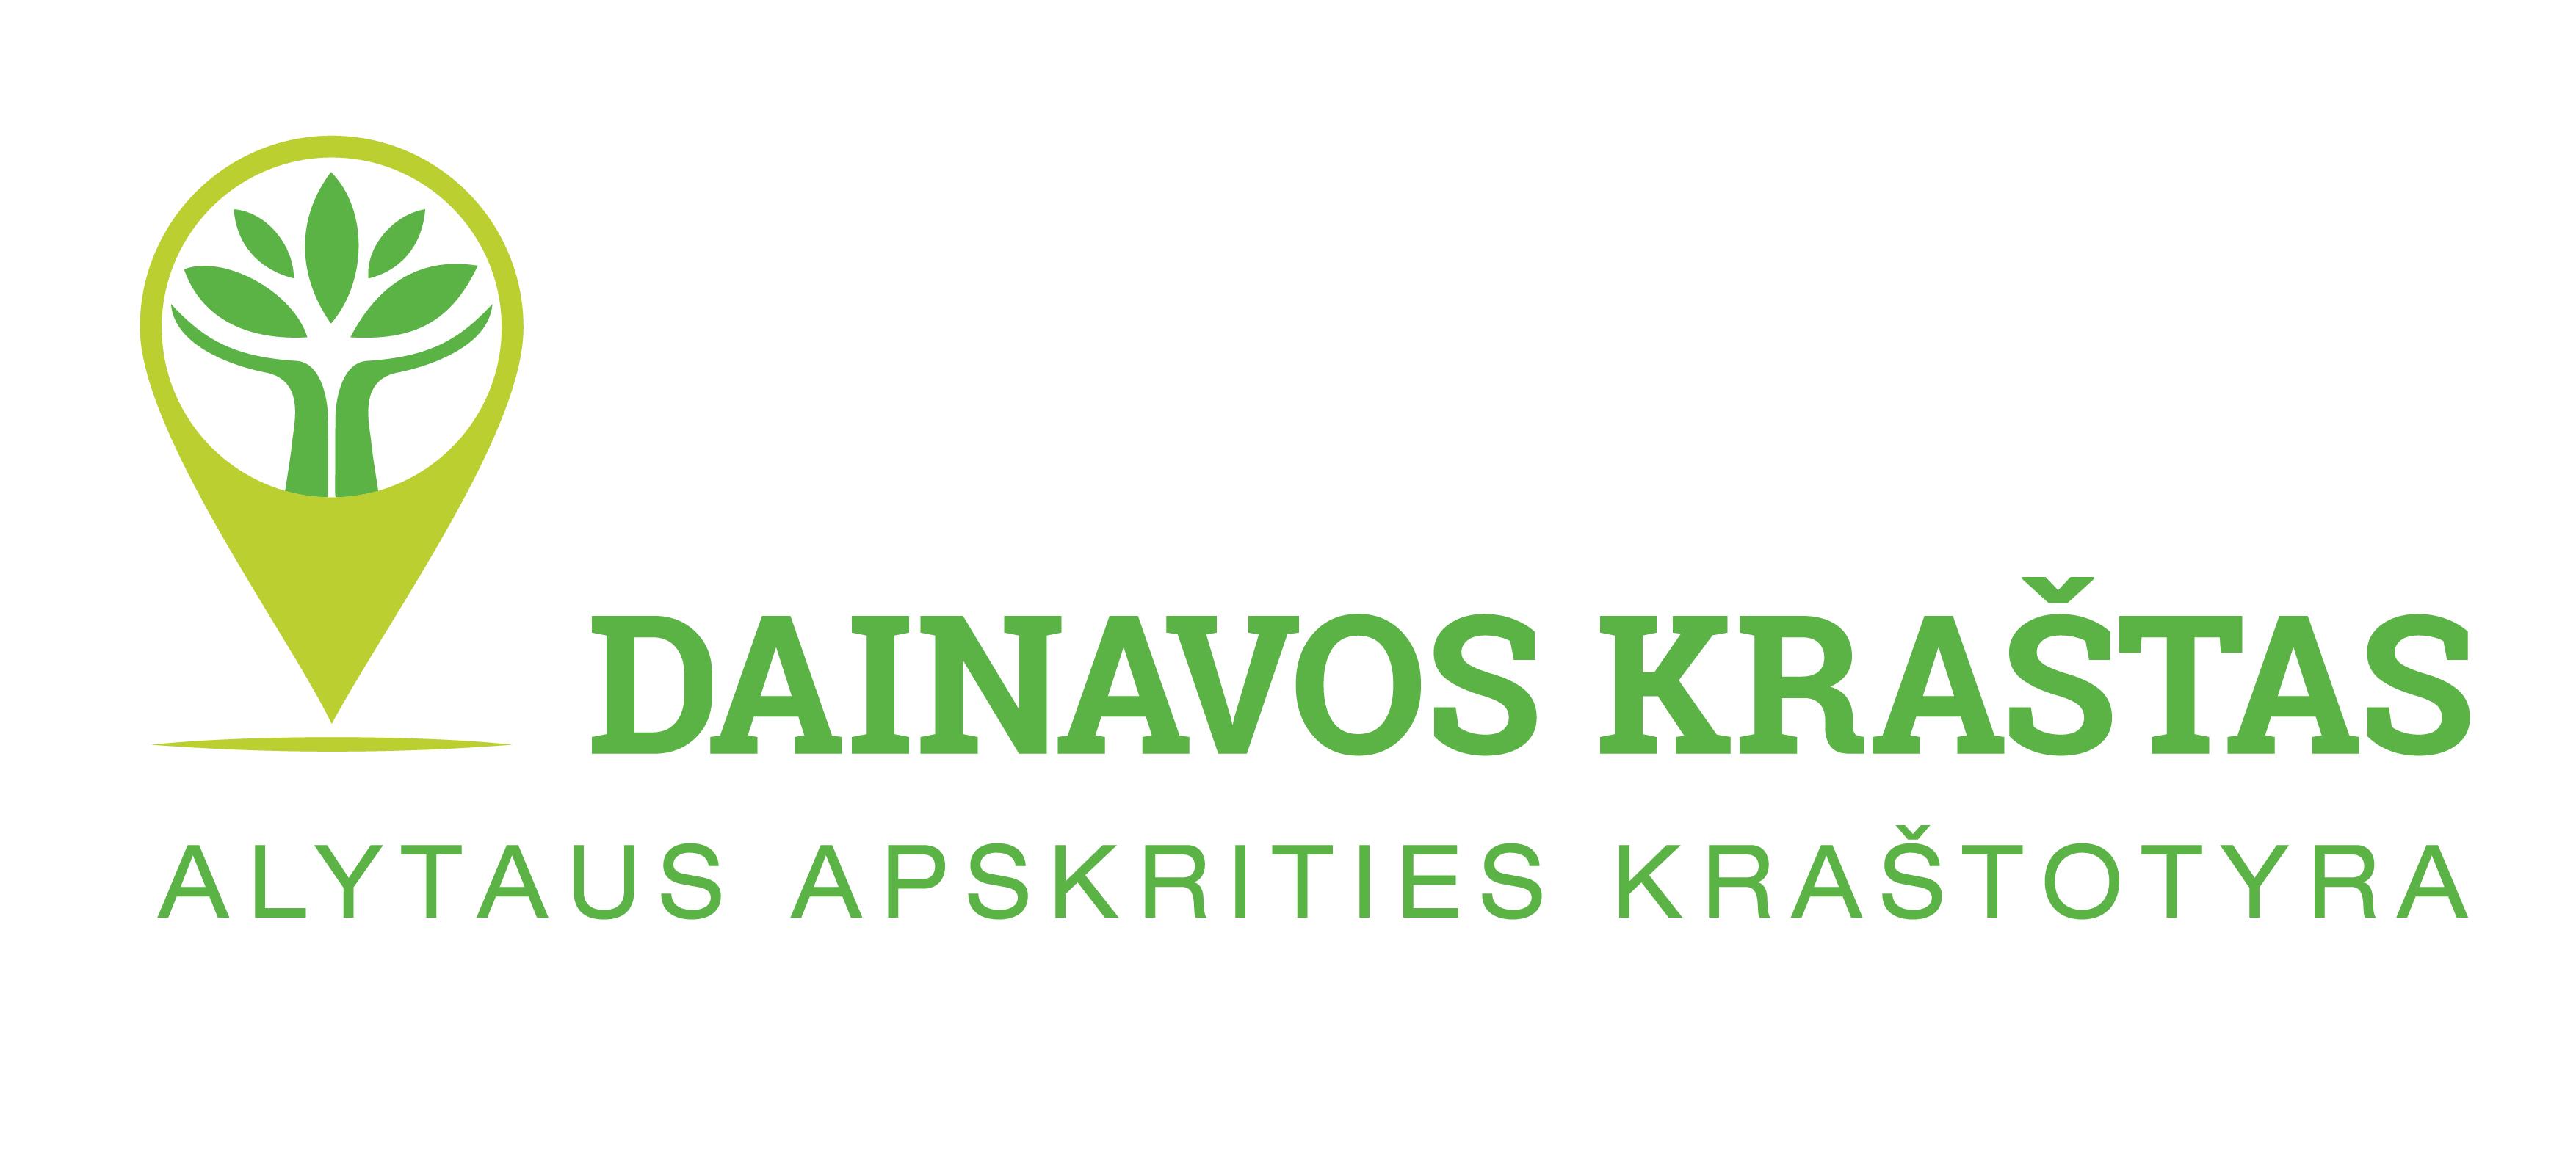 https://www.alytus.rvb.lt/wp-content/uploads/Dainavos_Kraštas_logo.jpg